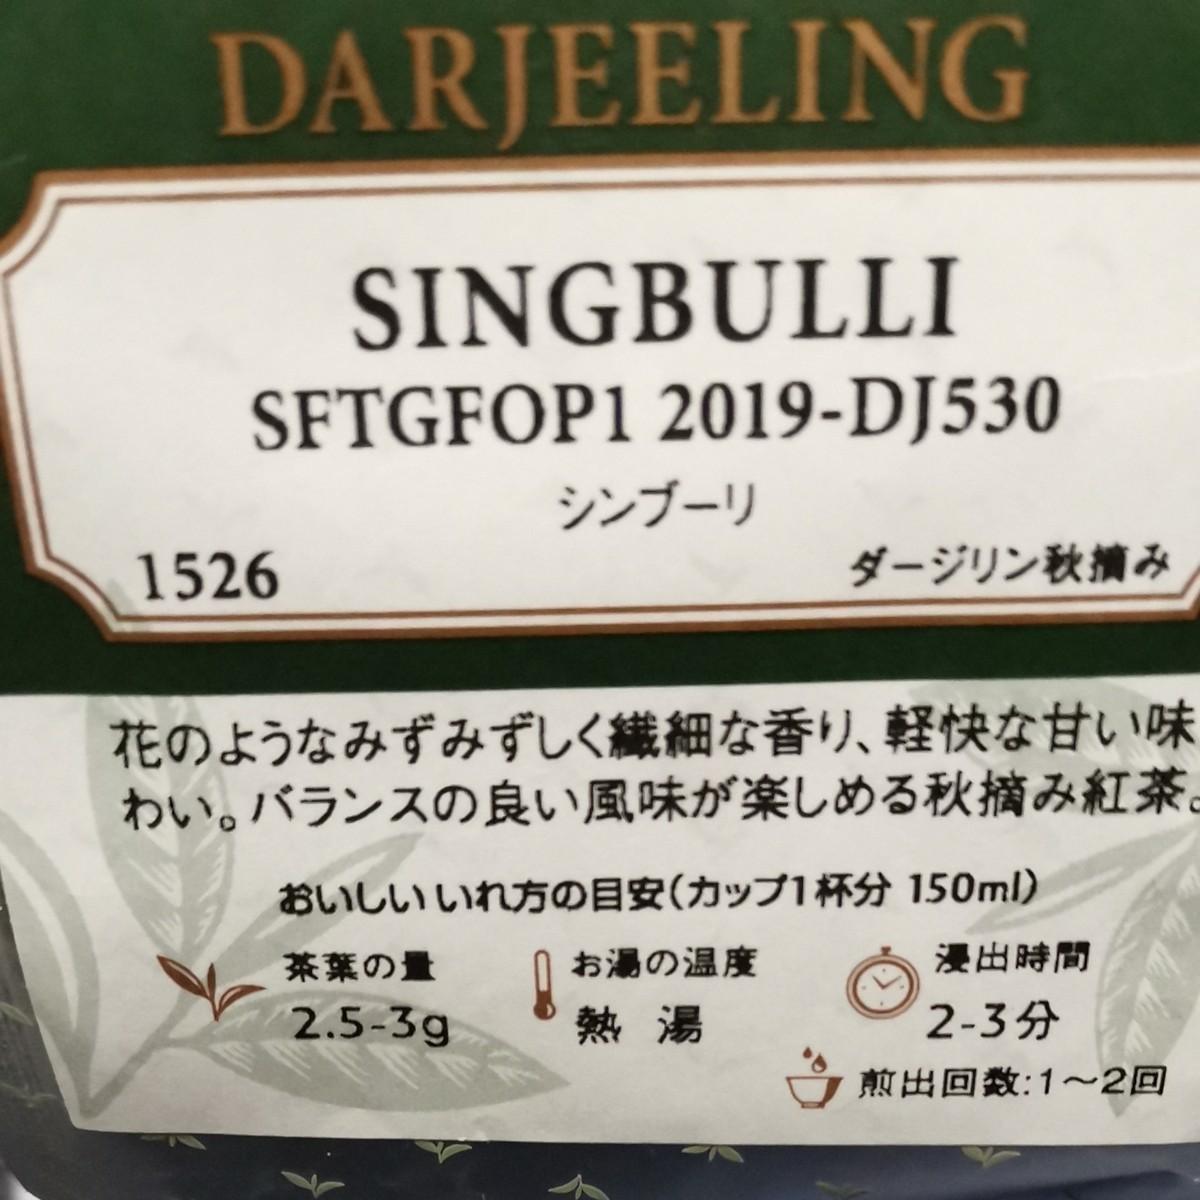 ルピシア シンブーリ (SINGBULLI) ダージリン 秋摘み 紅茶  ルピシア 紅茶 LUPICIA